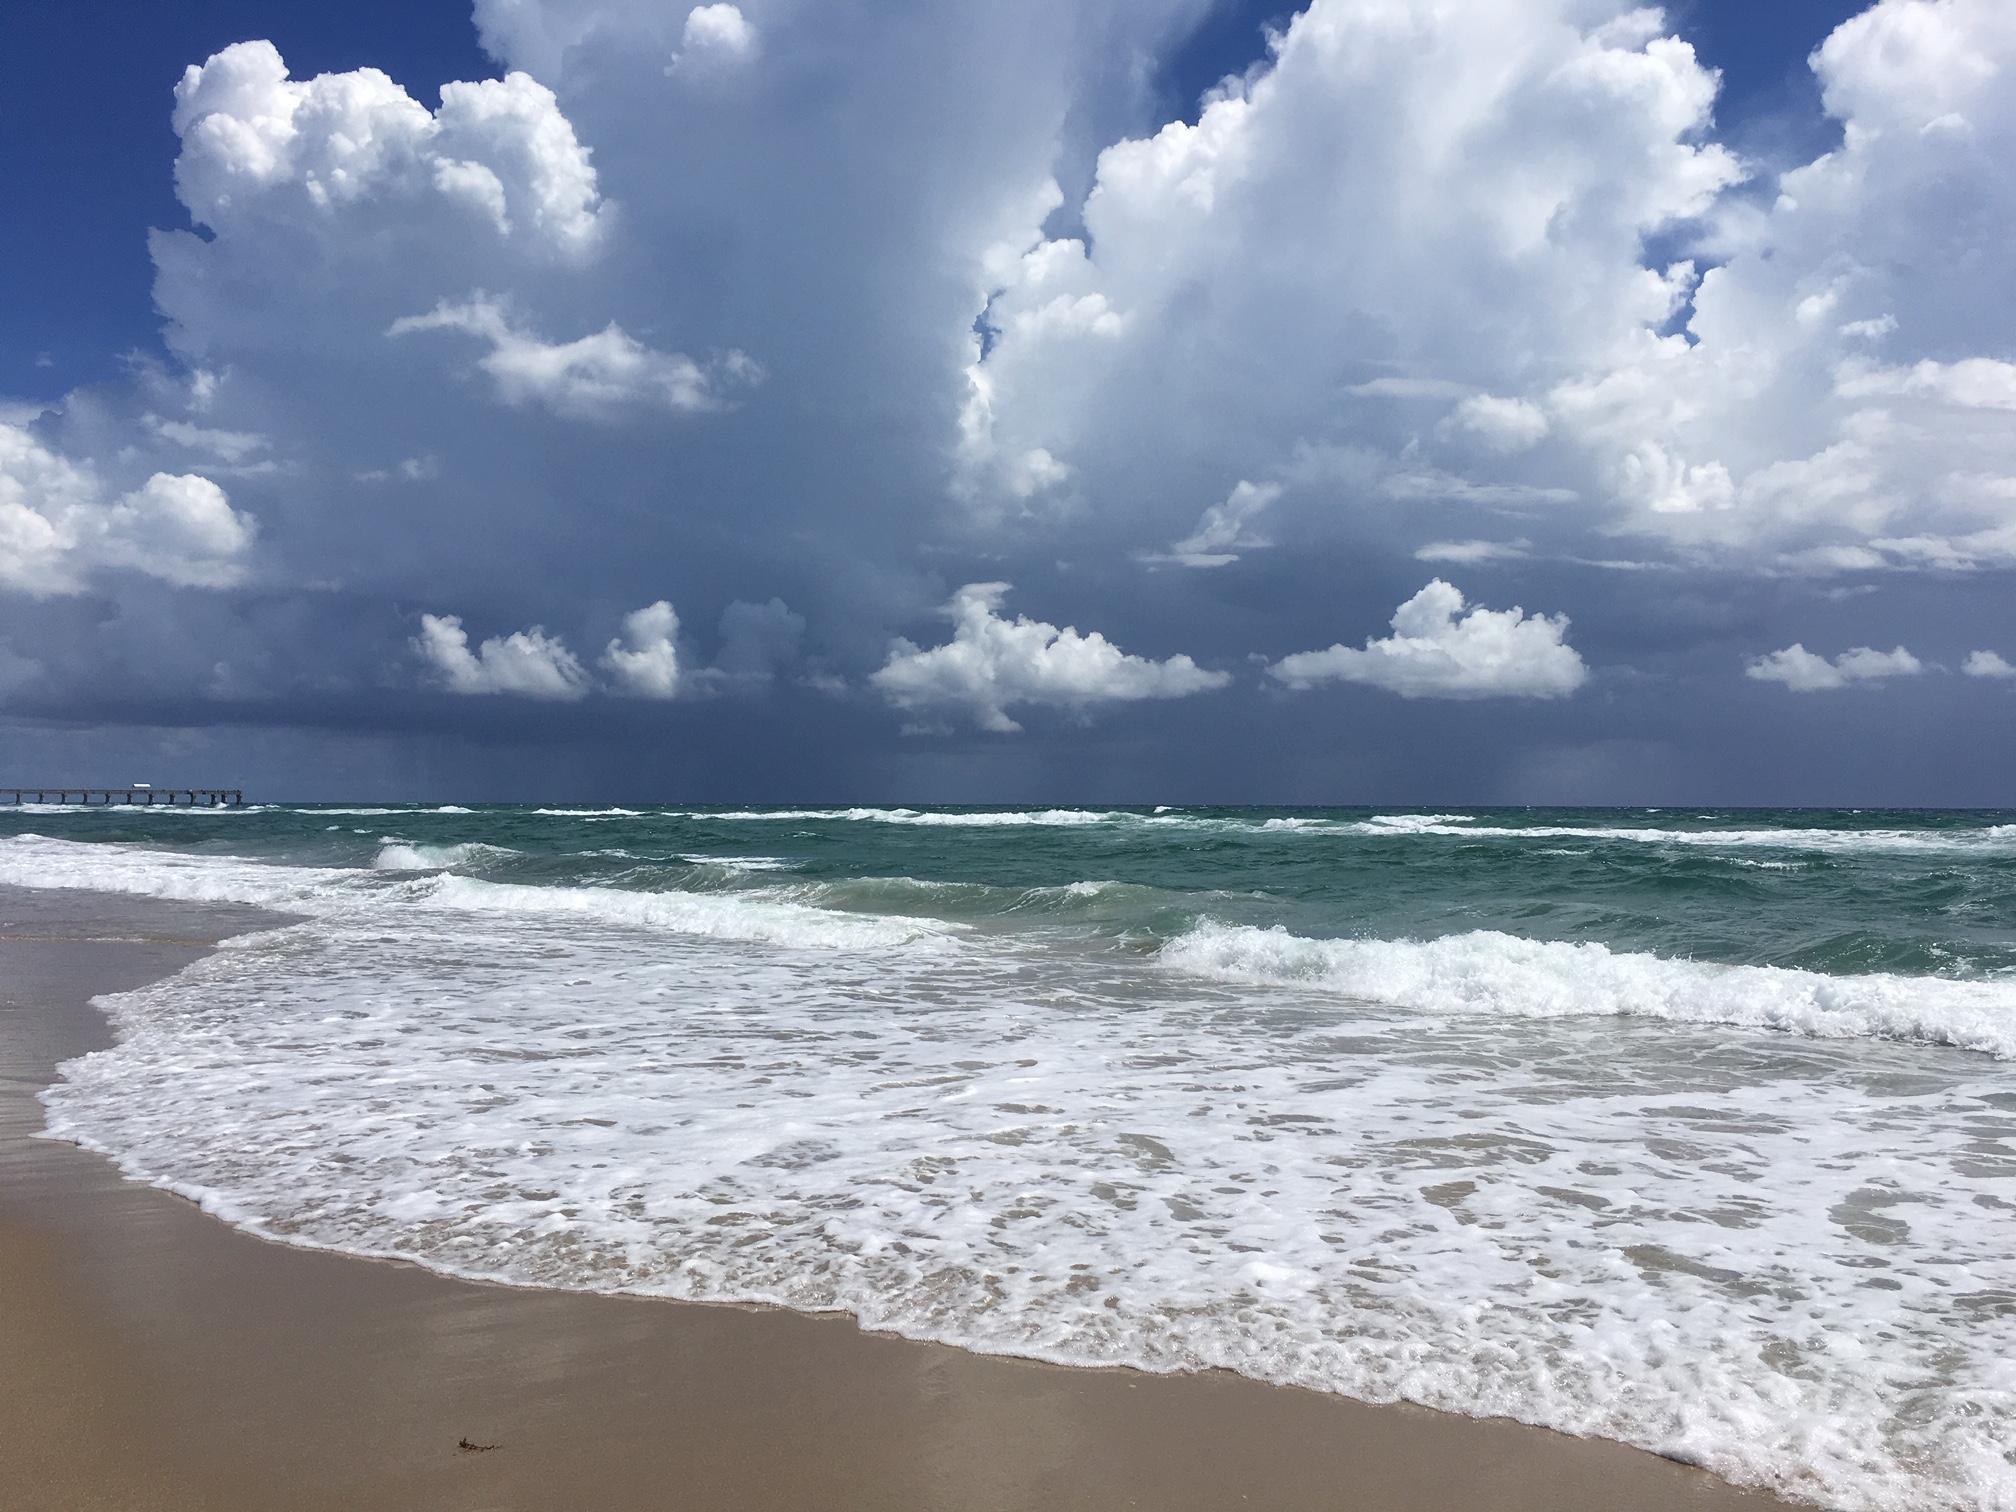 HALCYON PALM BEACH FLORIDA